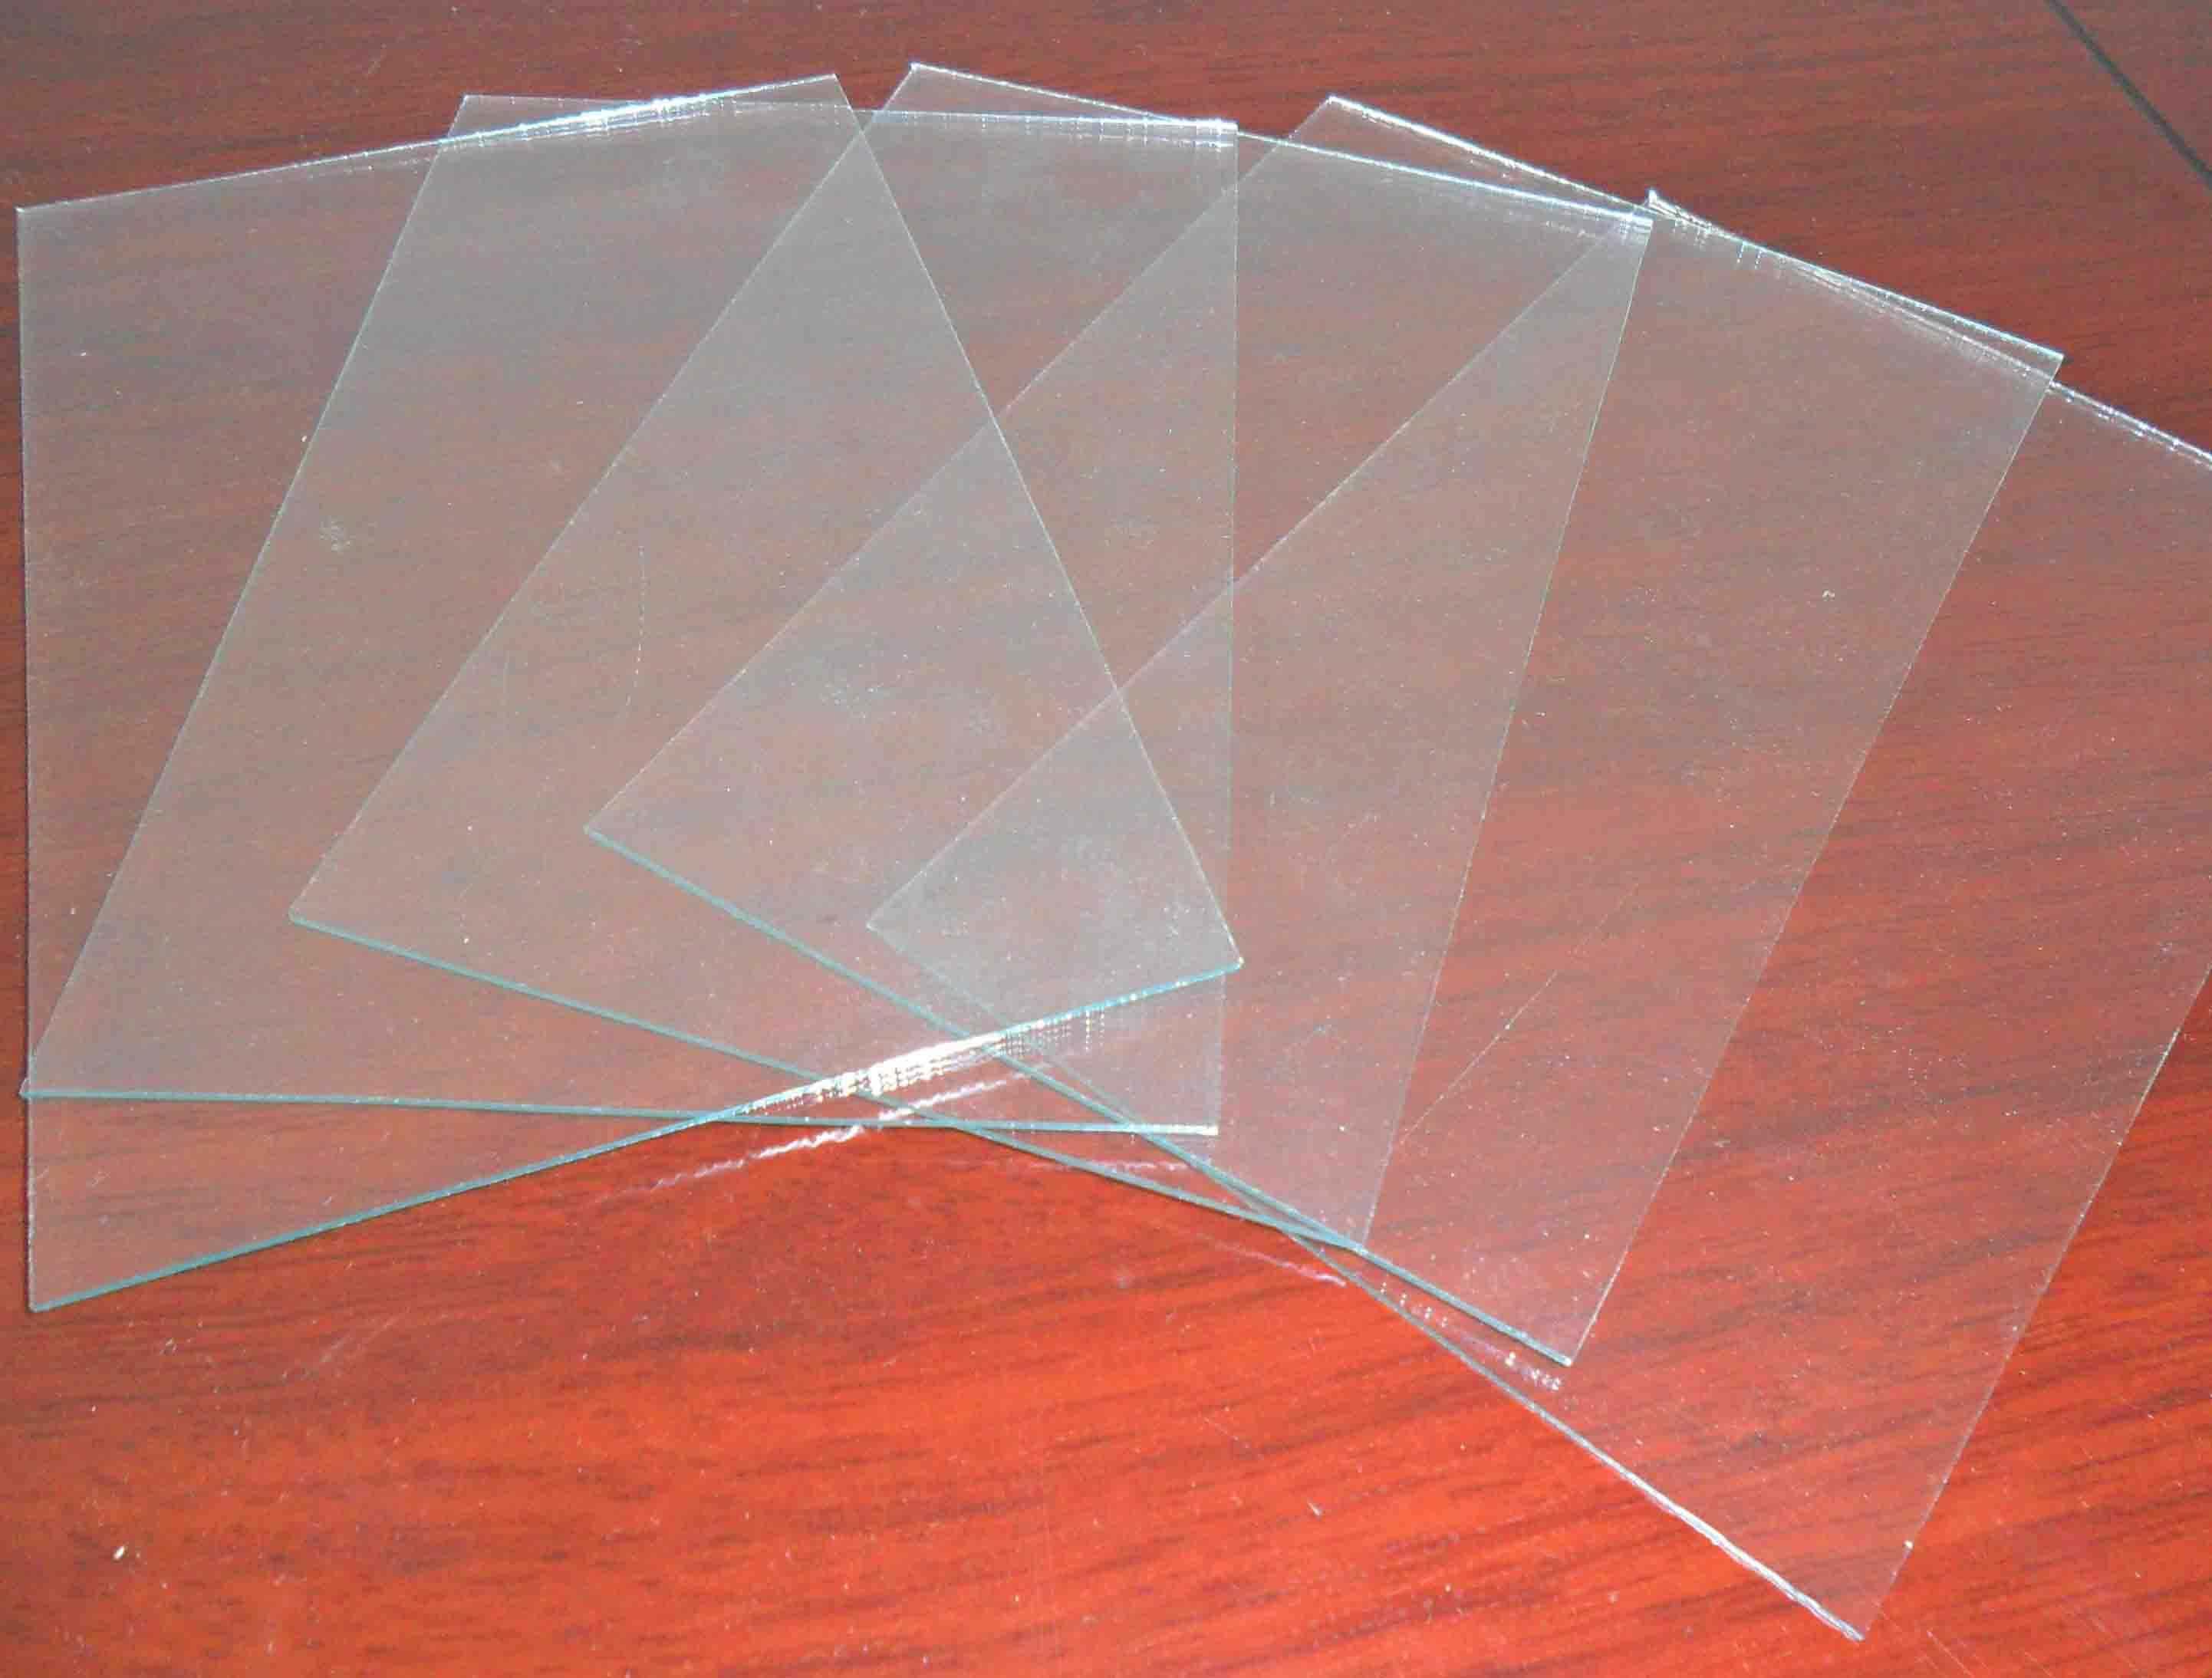 華北玻璃產能未有變動,廠家出庫一般